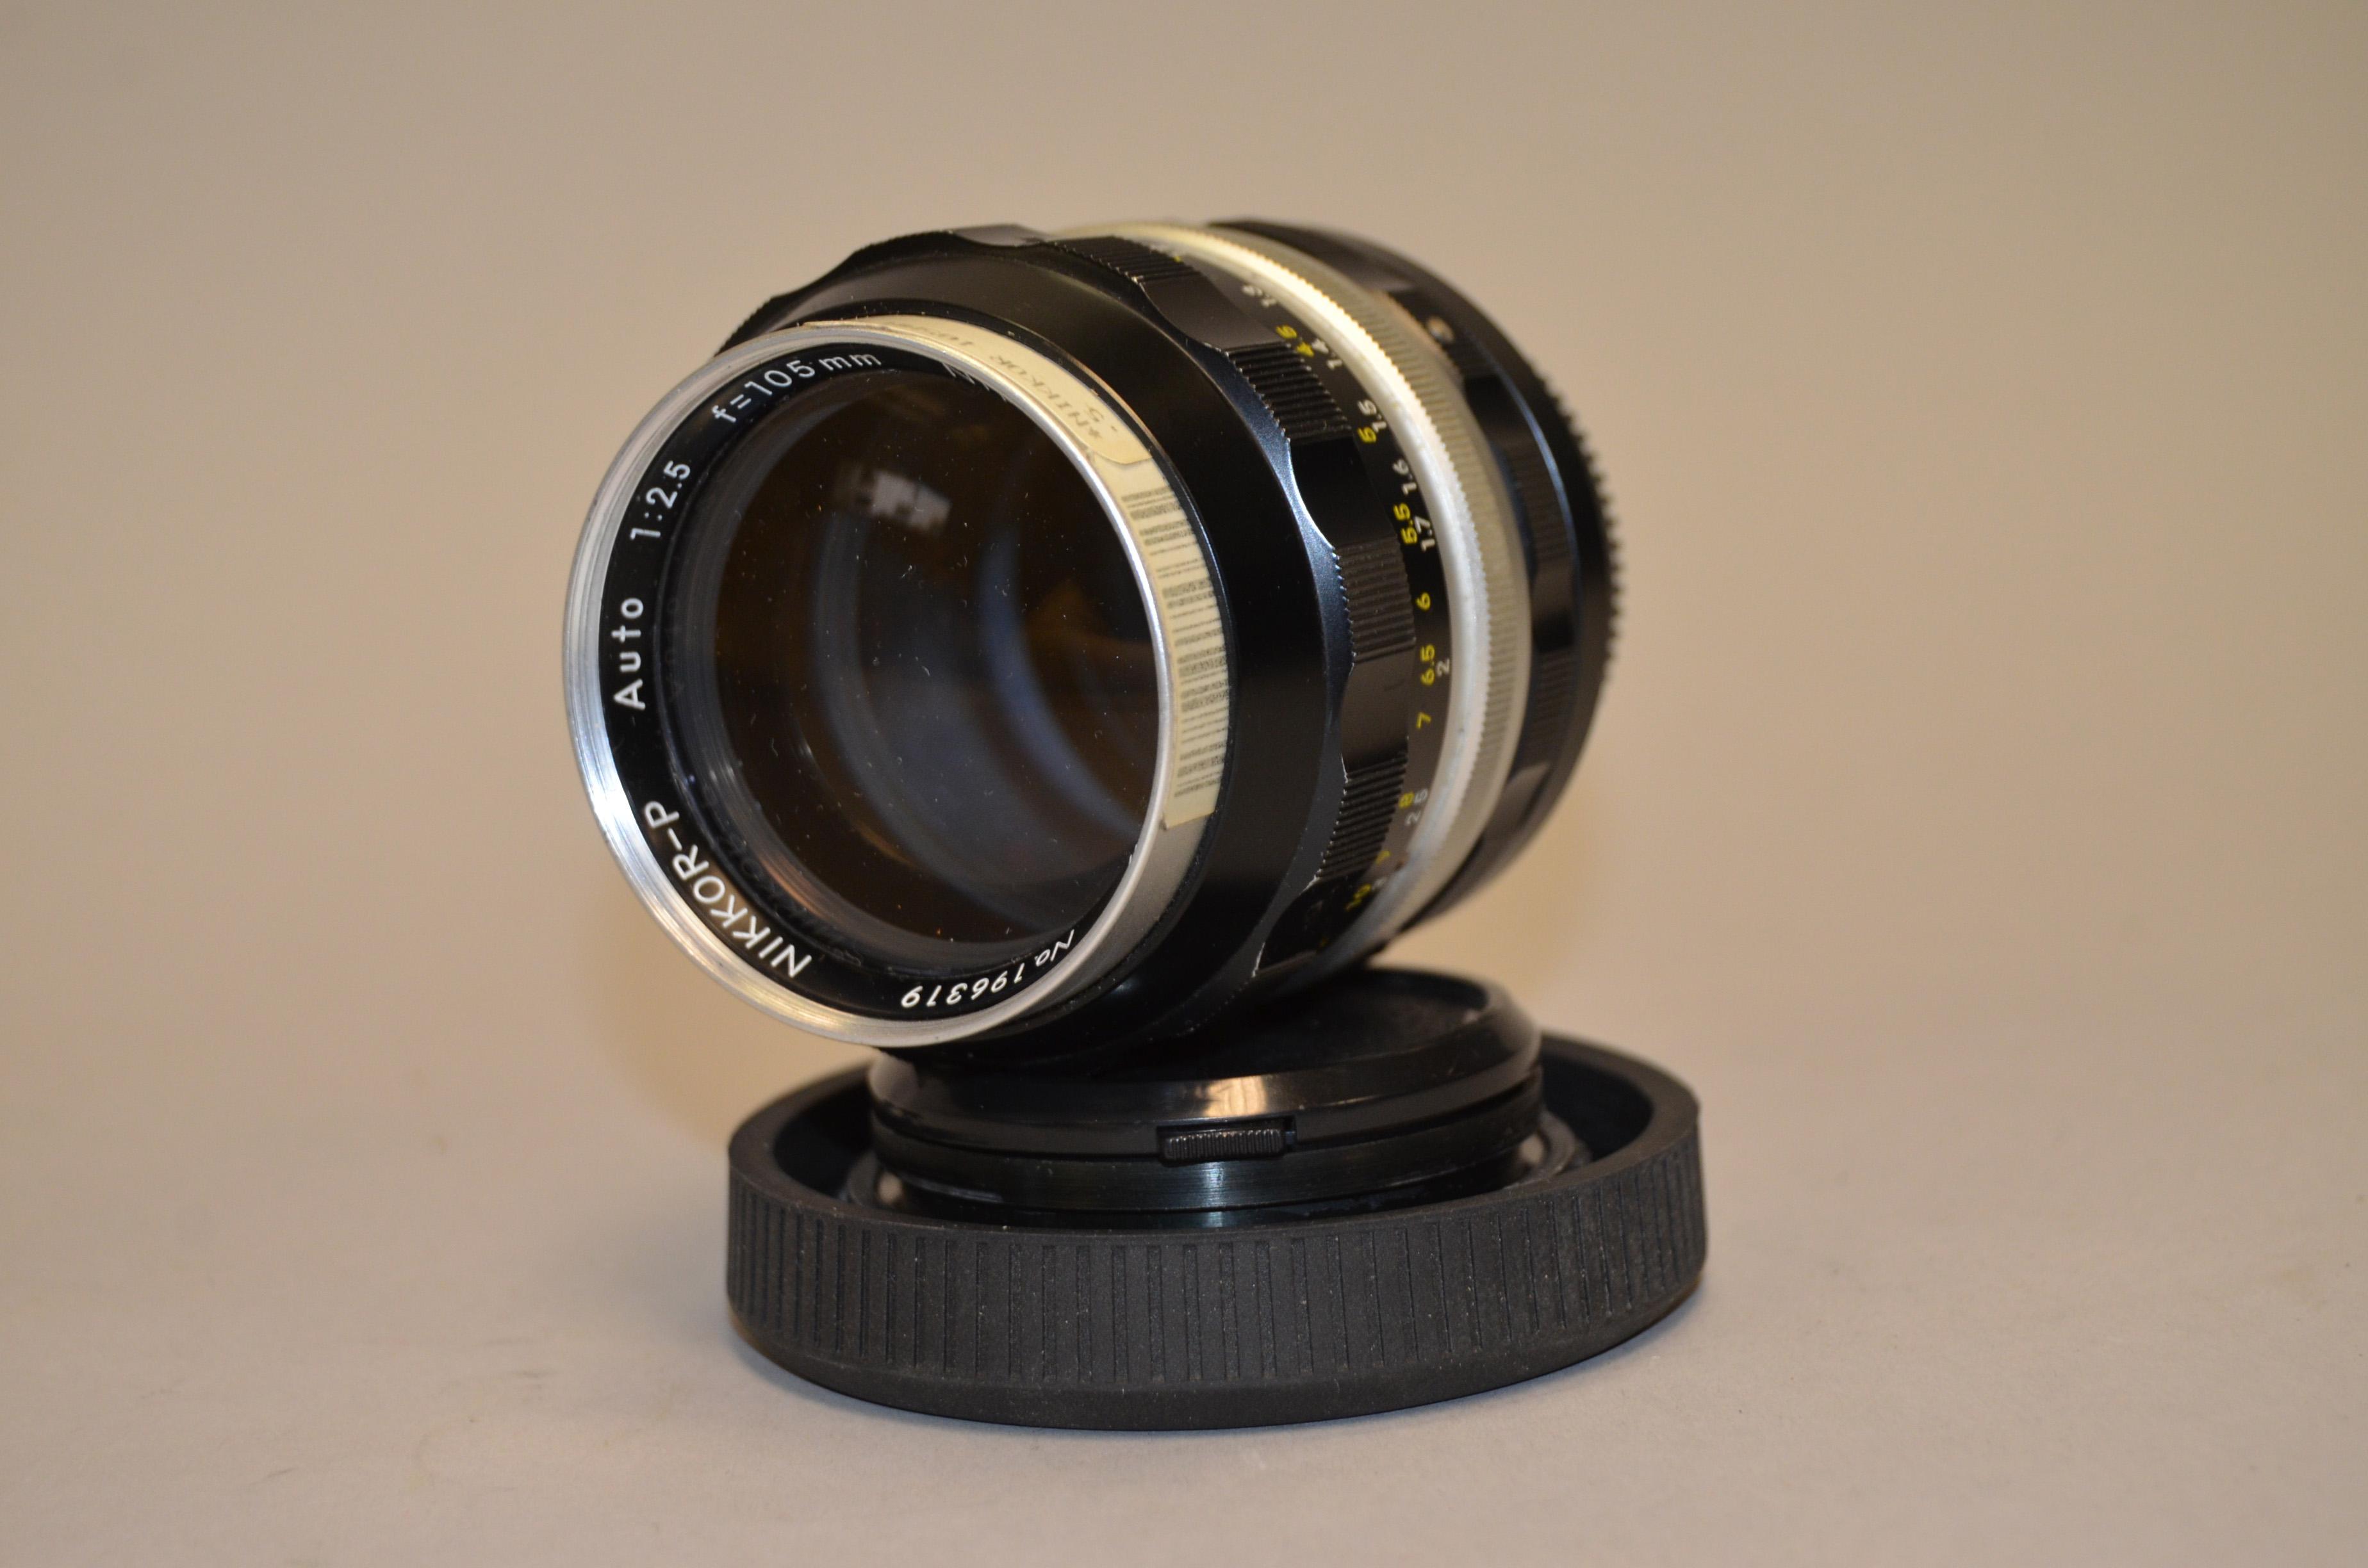 Lot 50 - A Nikkor-P Auto f/2.5 105mm Lens, serial no 196319, barrel G, elements G